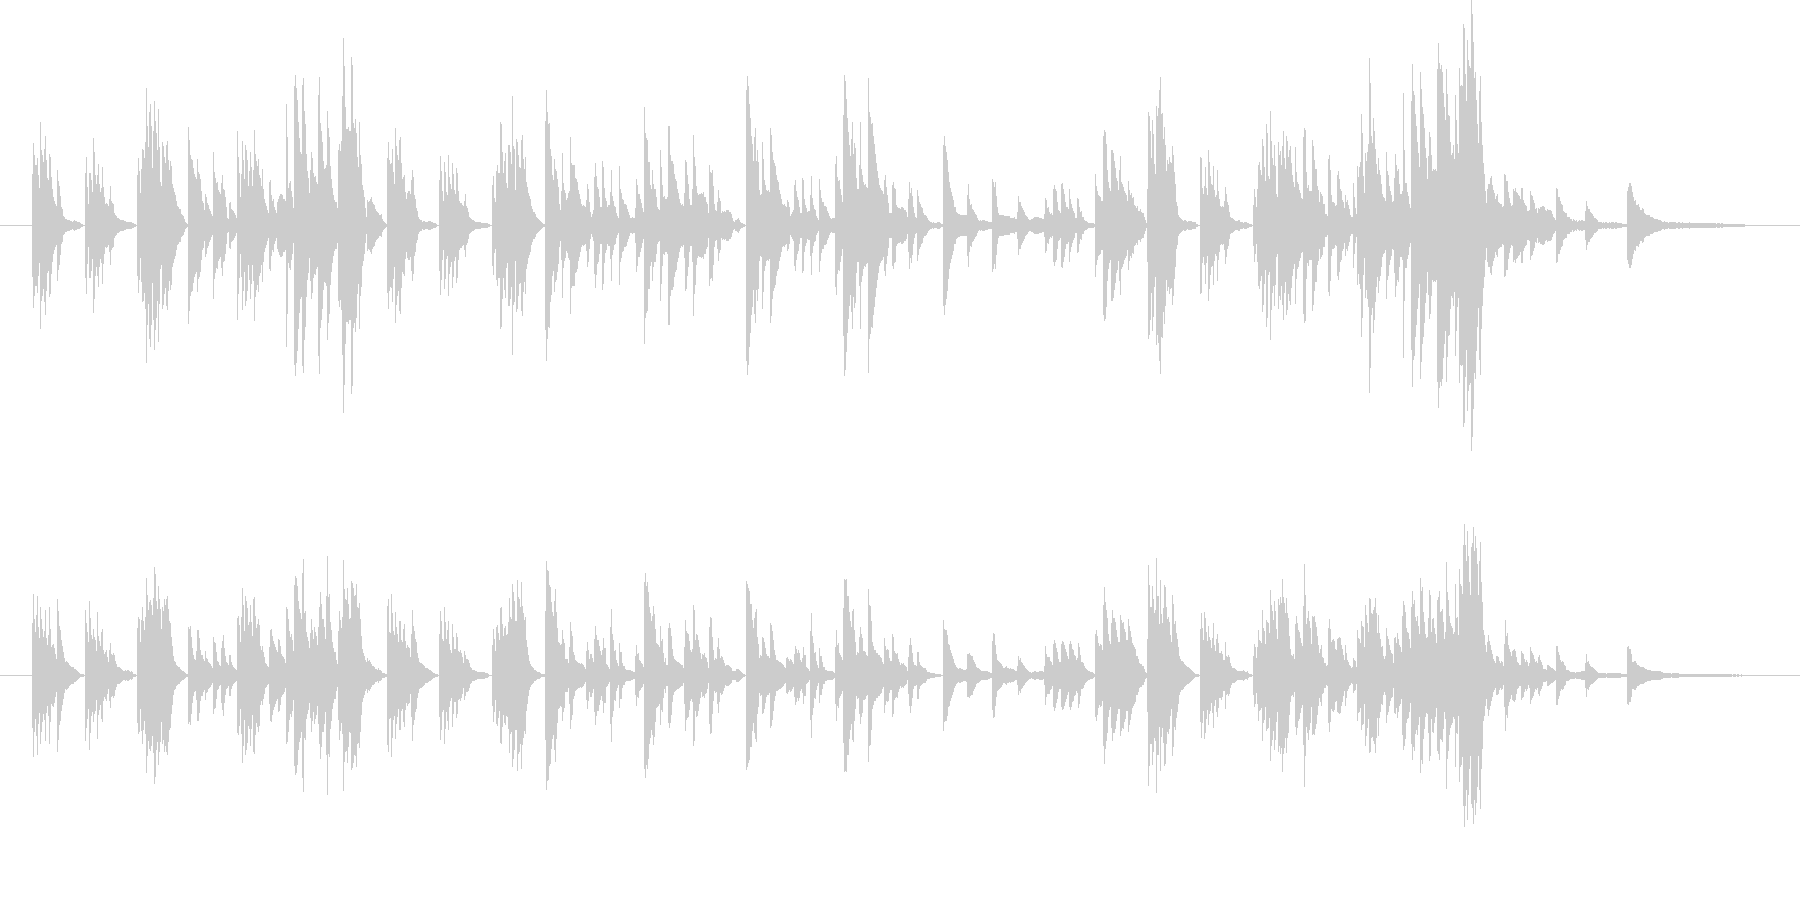 モーツァルトのようなクラシカルピアノの未再生の波形